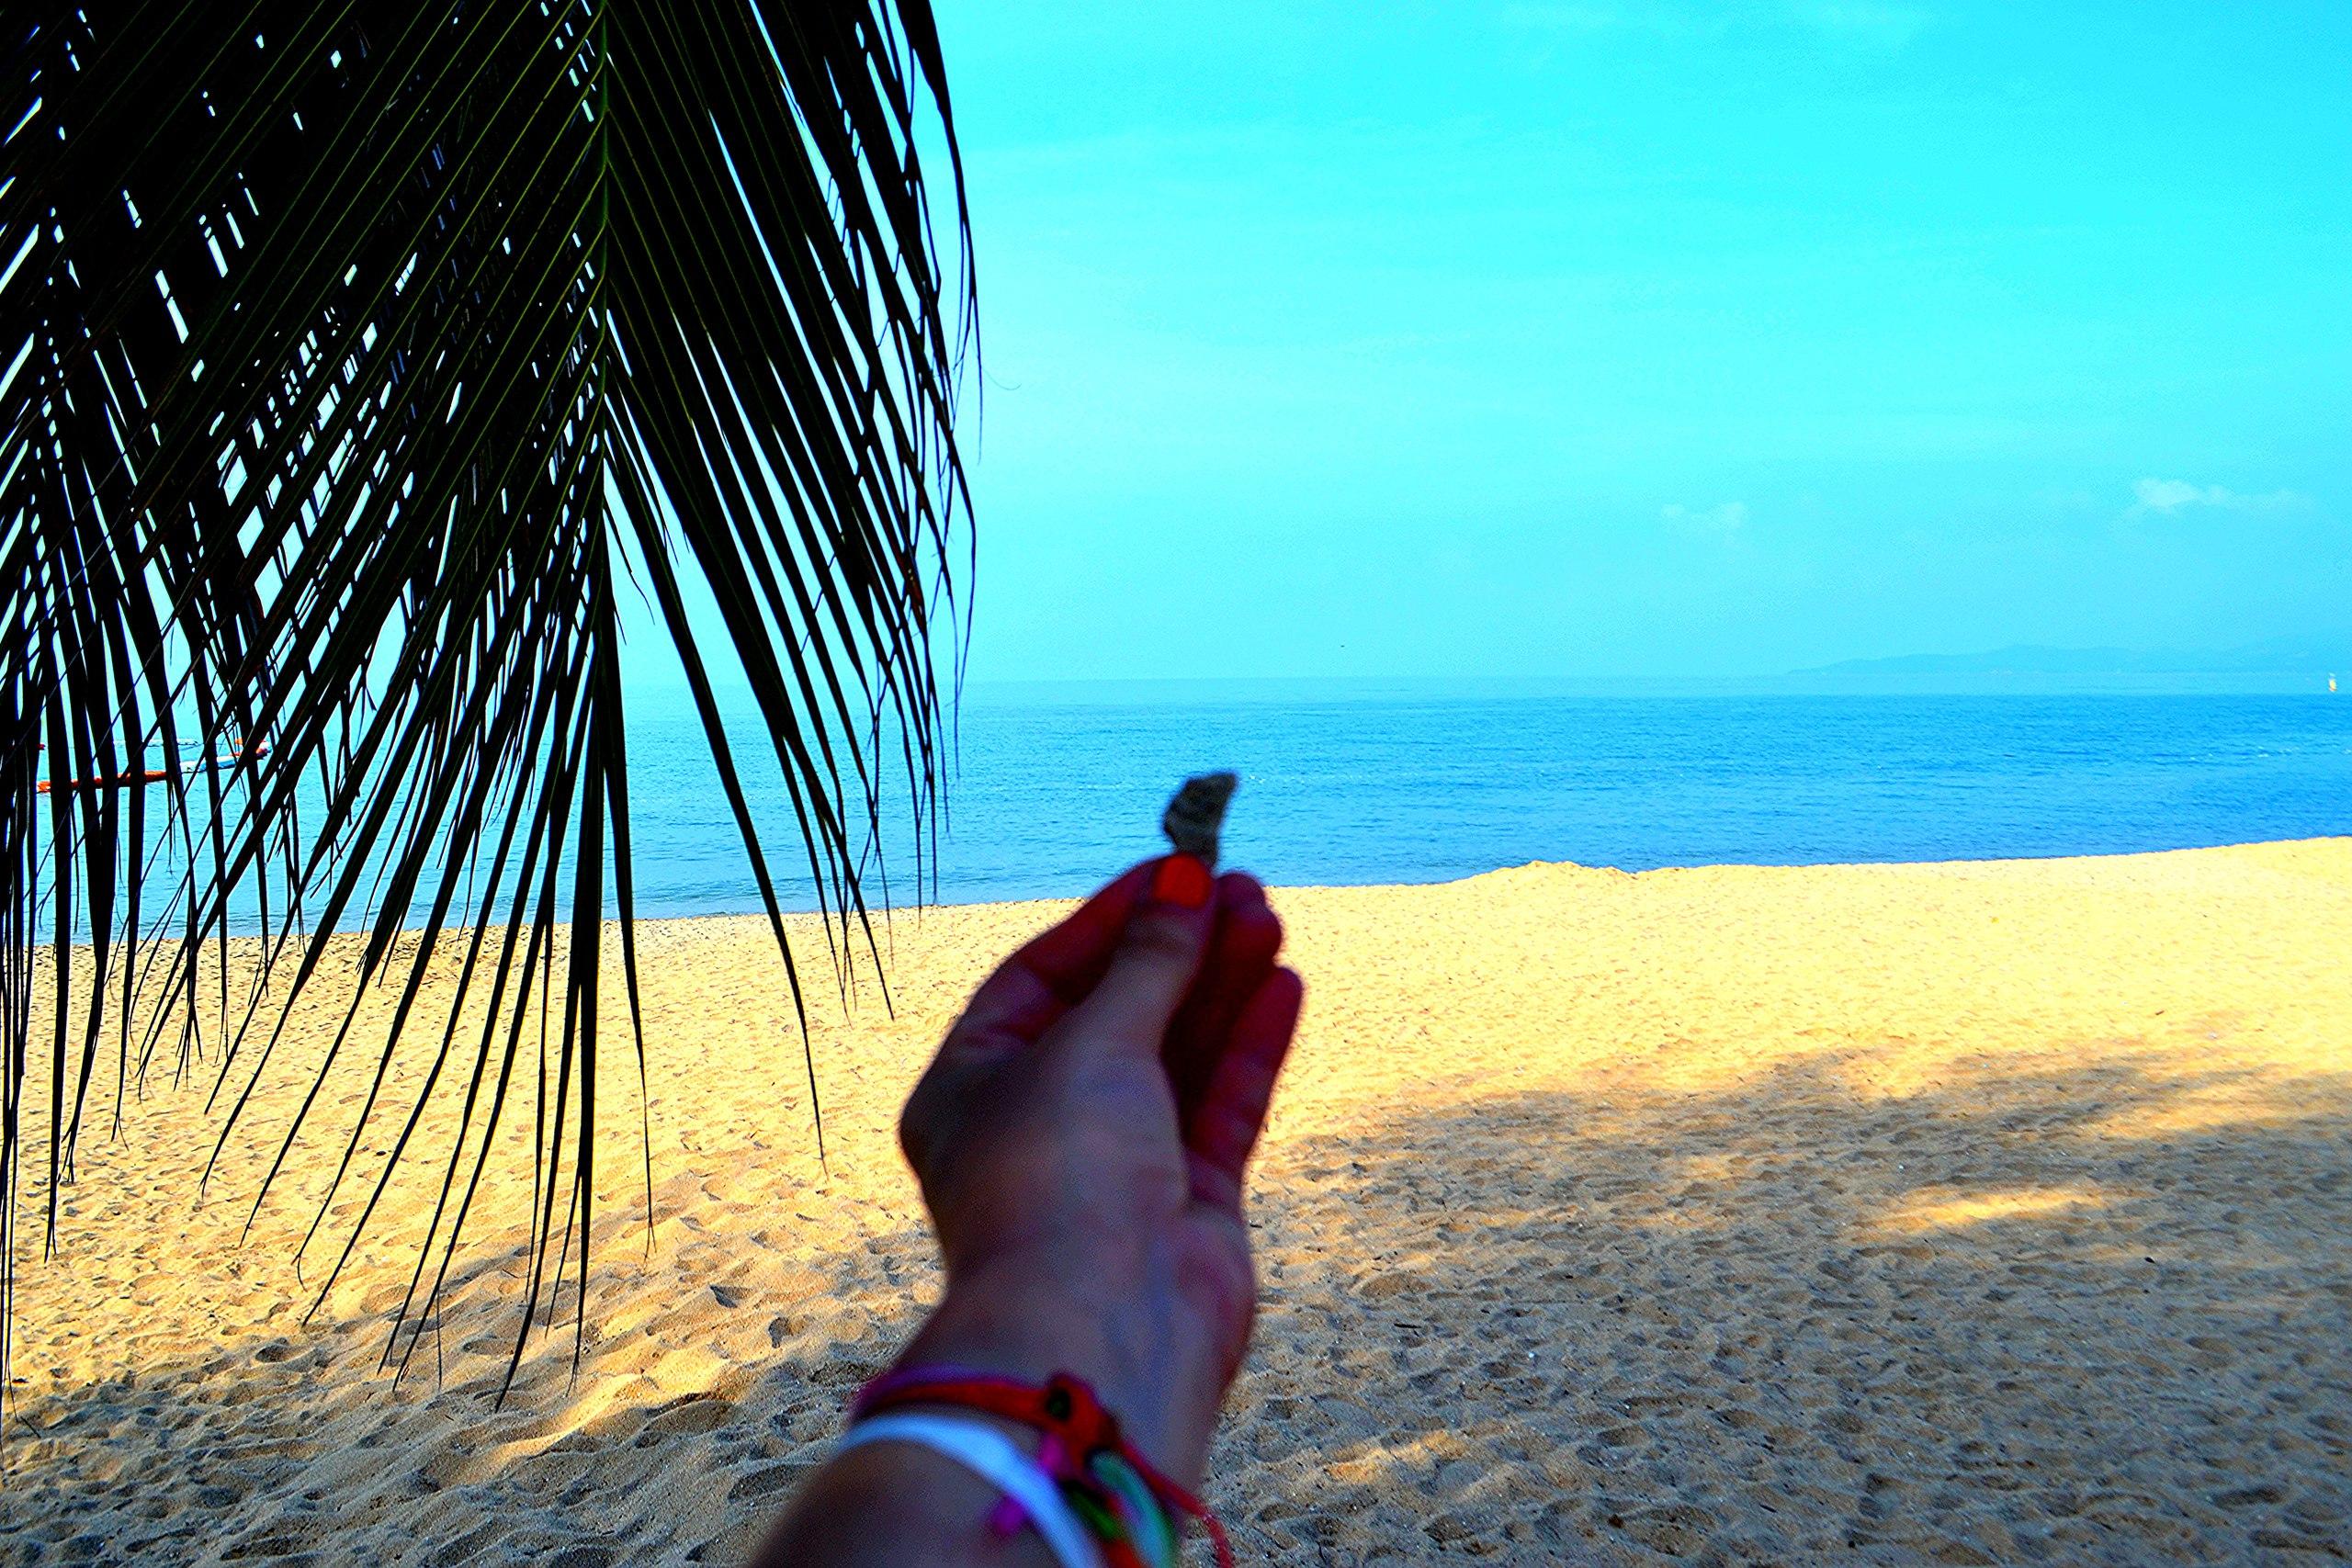 пляж - Елена Руденко (Валтея). Таиланд.  Фото и видео, а также мои впечатления, отзывы, советы и т.д. ADOEM9UNdlA